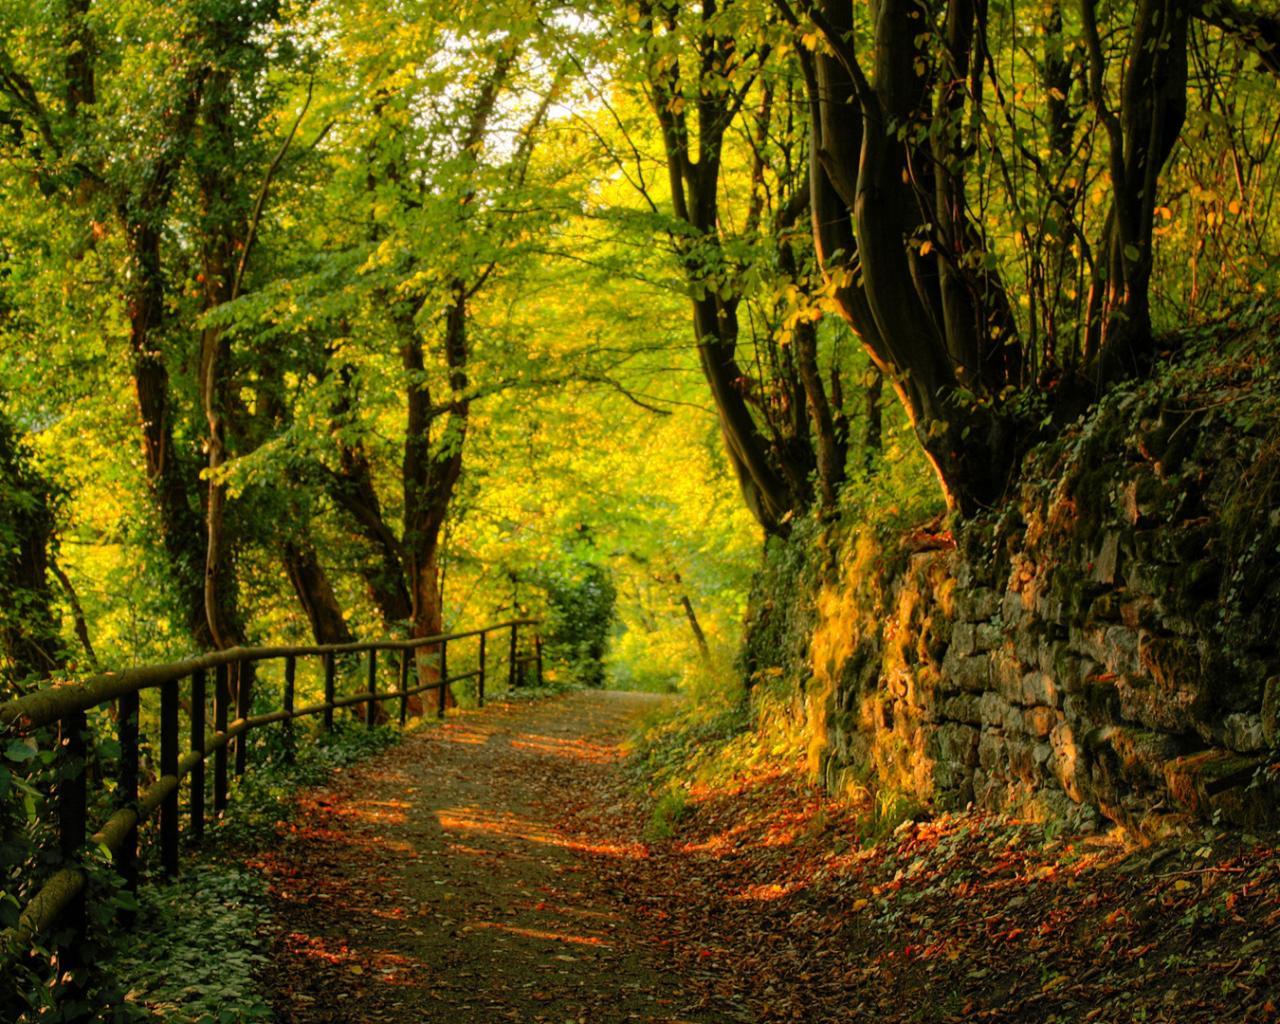 http://hq-wallpapers.ru/wallpapers/8/hq-wallpapers_ru_nature_37534_1280x1024.jpg